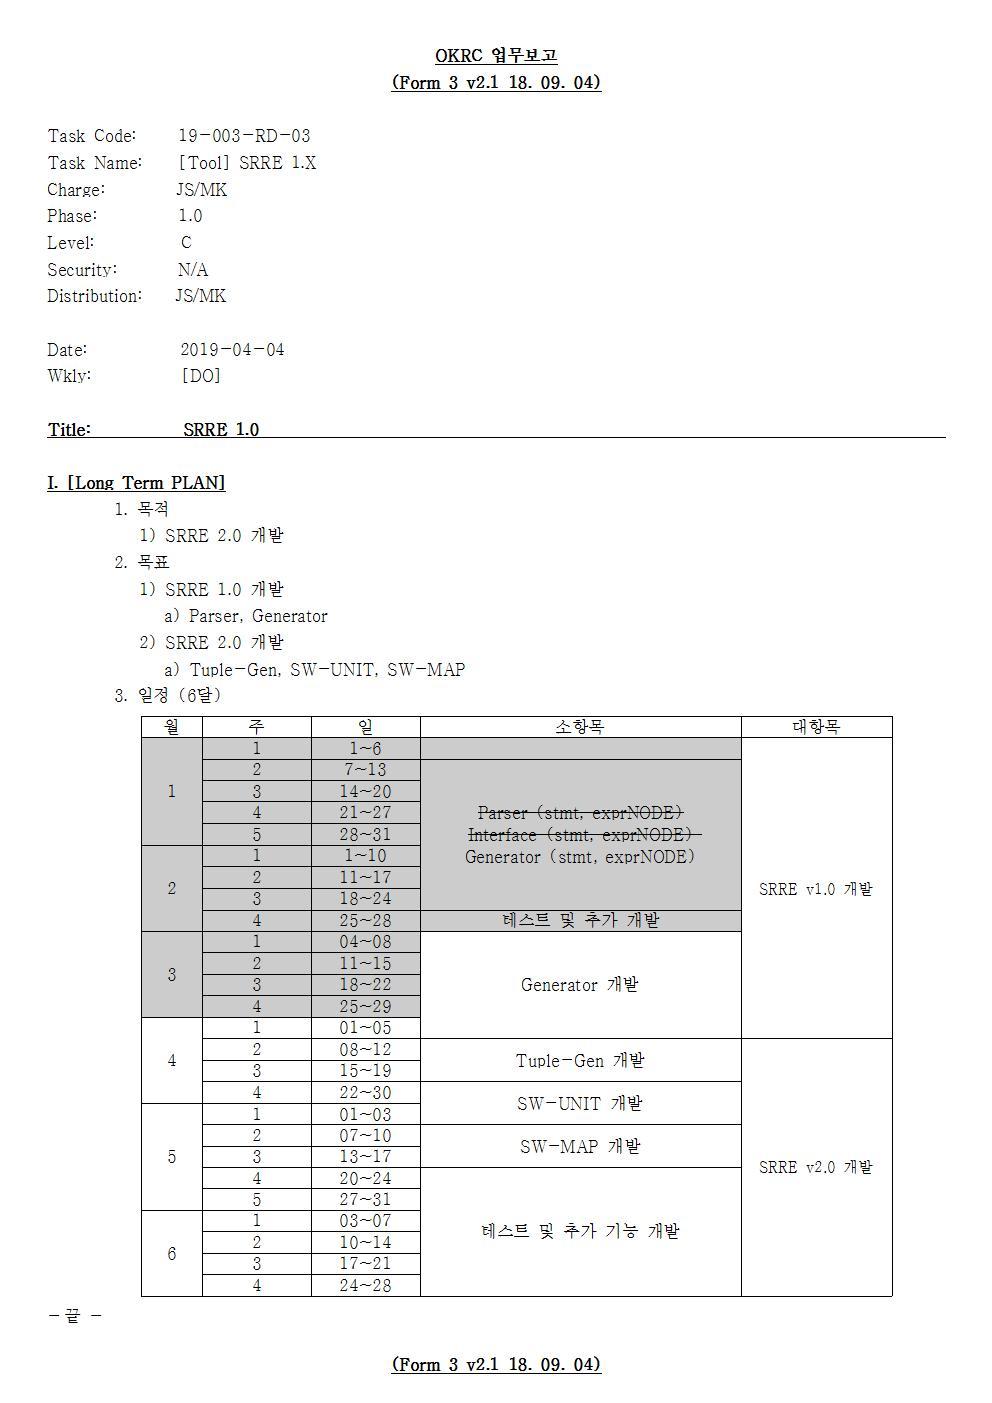 D-[19-003-RD-03]-[Tool-SRRE-1.X]-[2019-04-04][JS]001.jpg